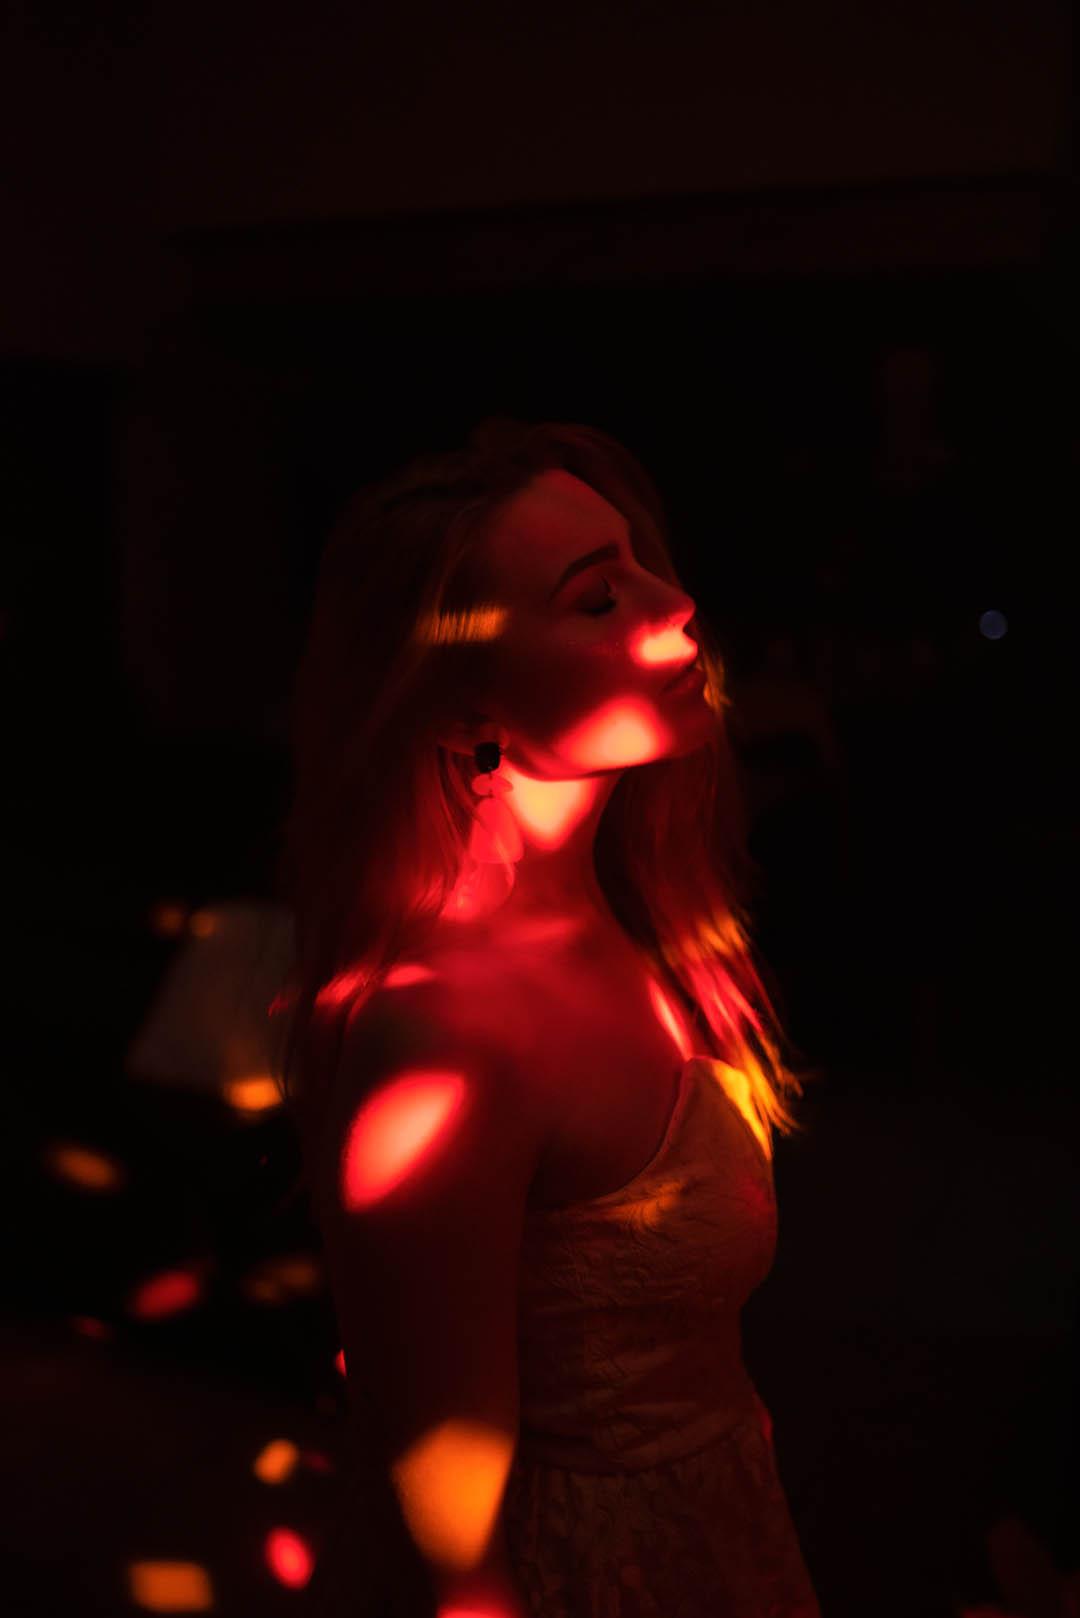 femme rousse en robe blanche light painting